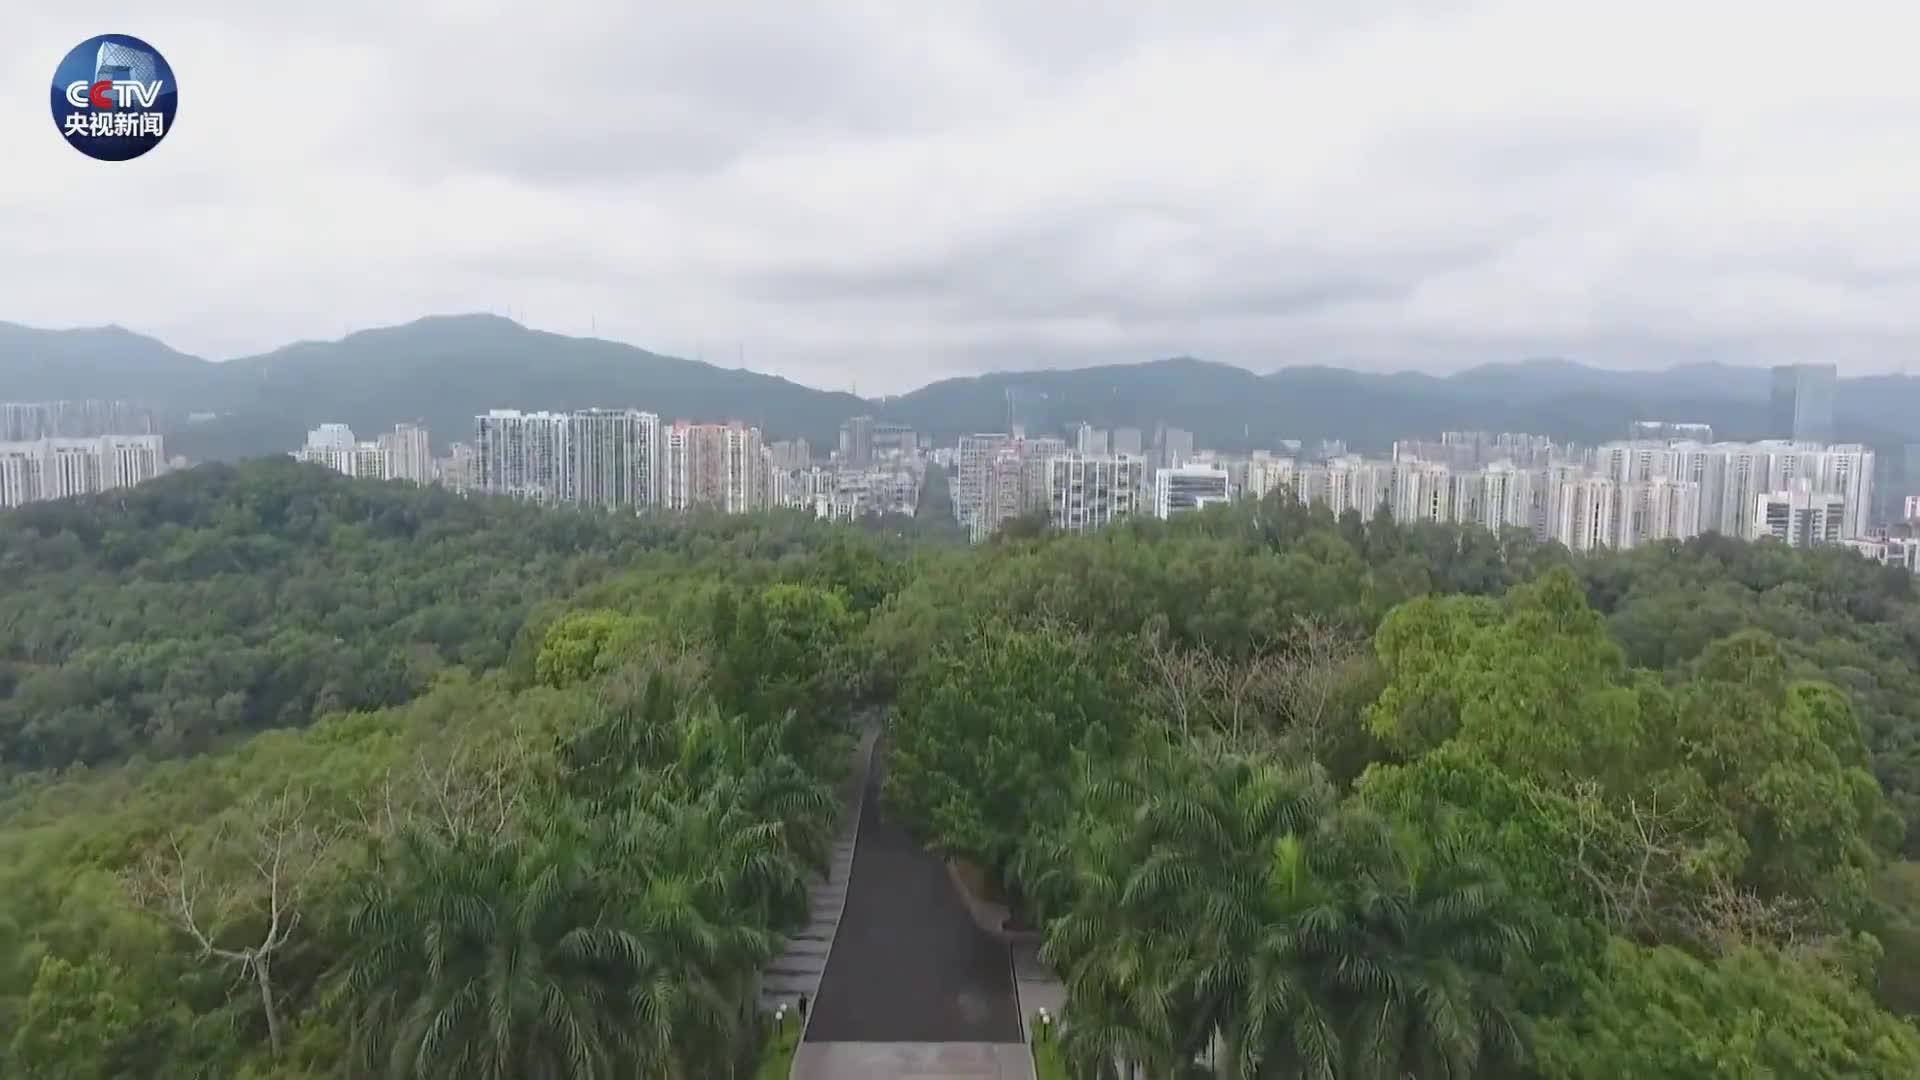 原创时政微视频丨从深圳到雄安